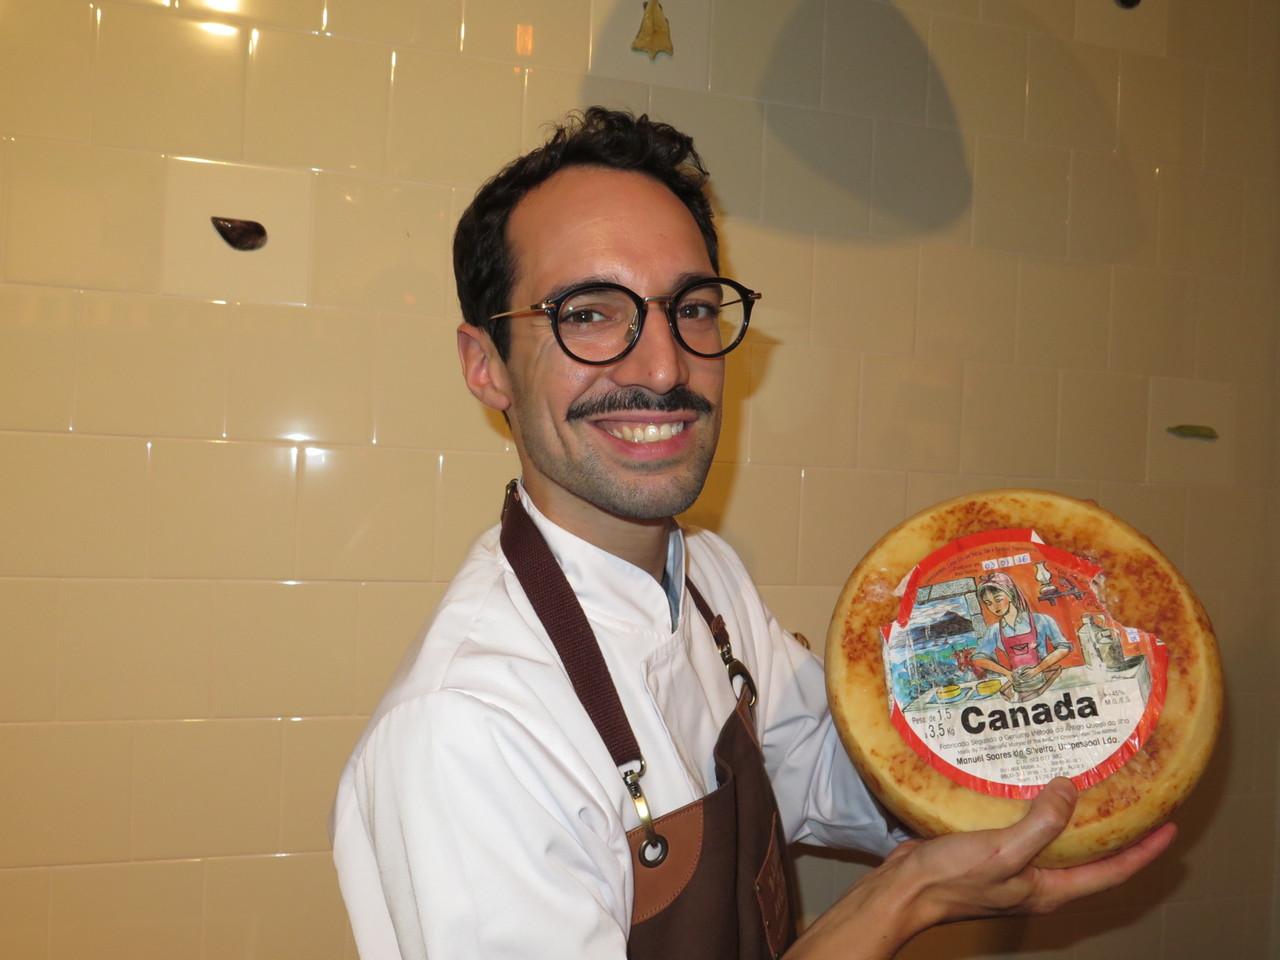 João Jesus e o queijo Canada